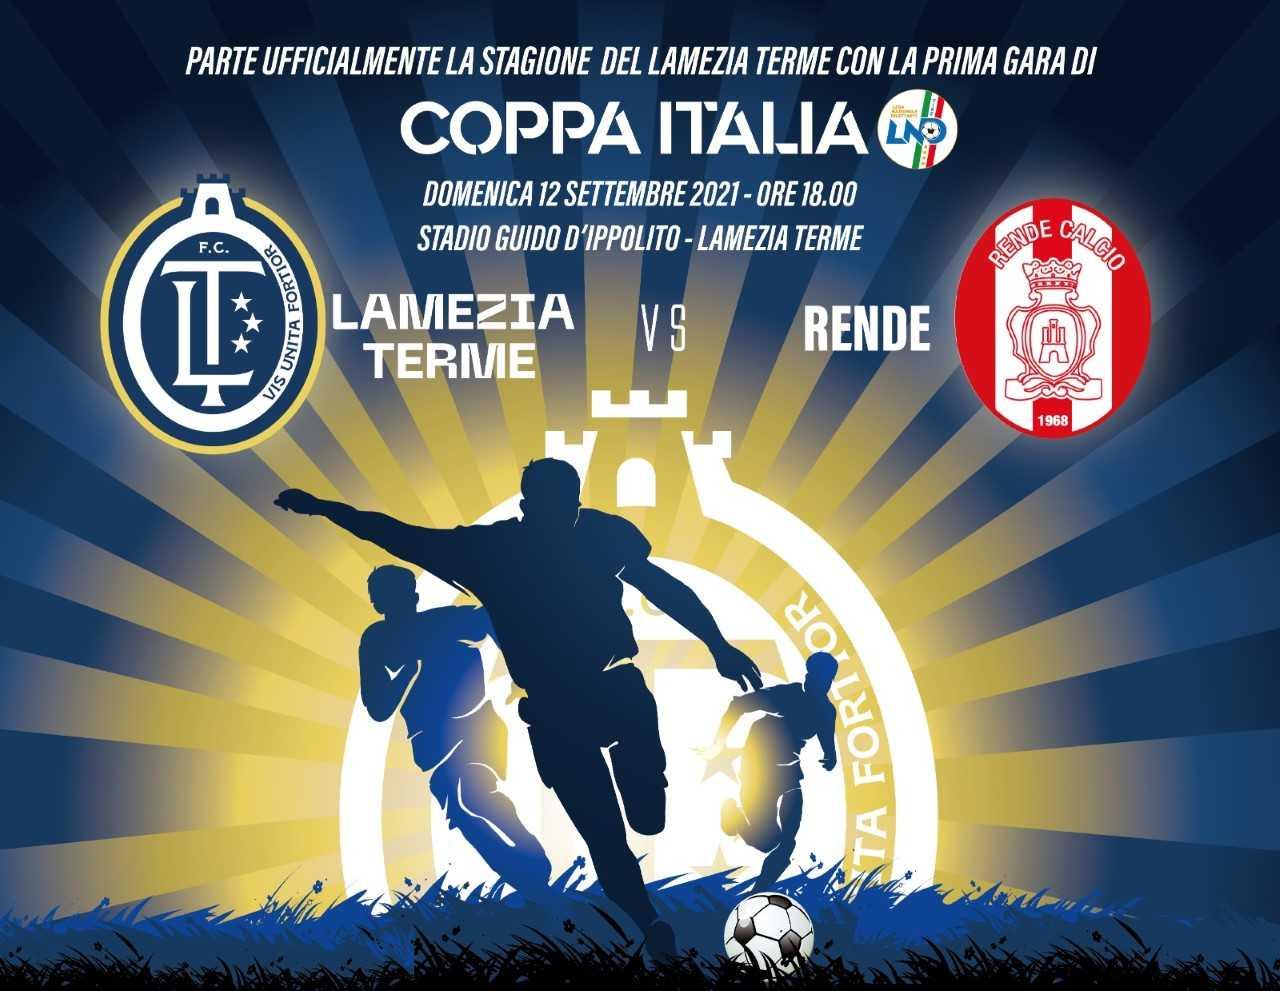 Serie D, Lamezia Terme e Rende: prima partita di Coppa Italia a favore della Caritas